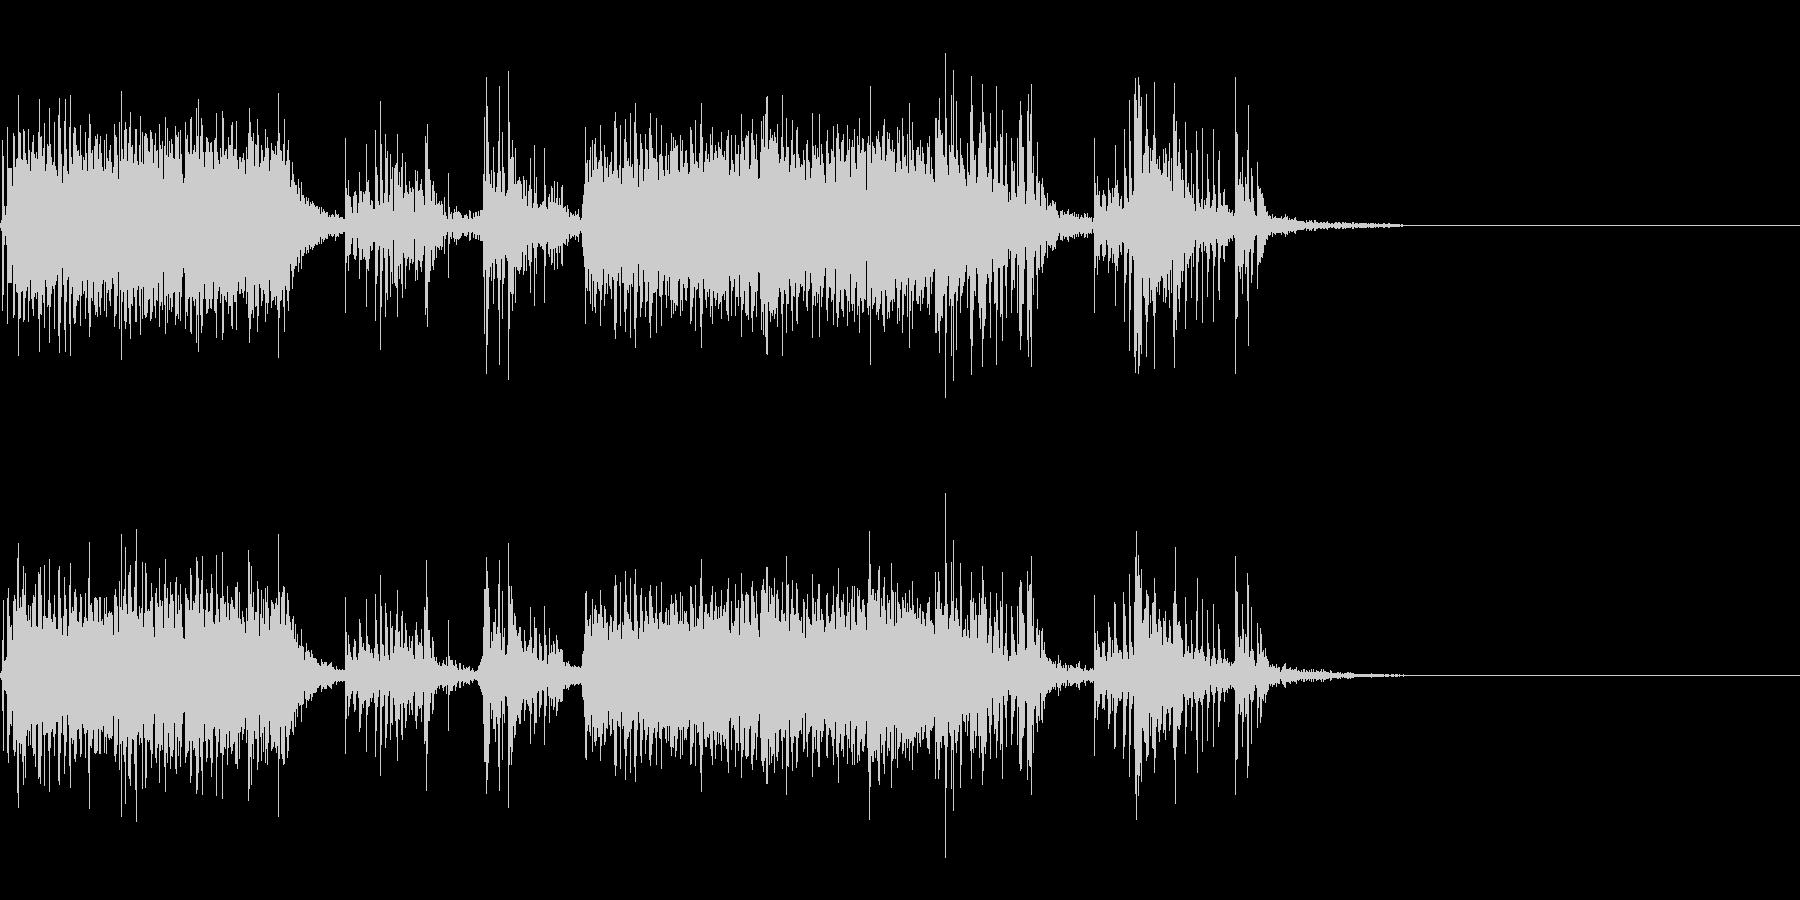 スパーク音-16の未再生の波形